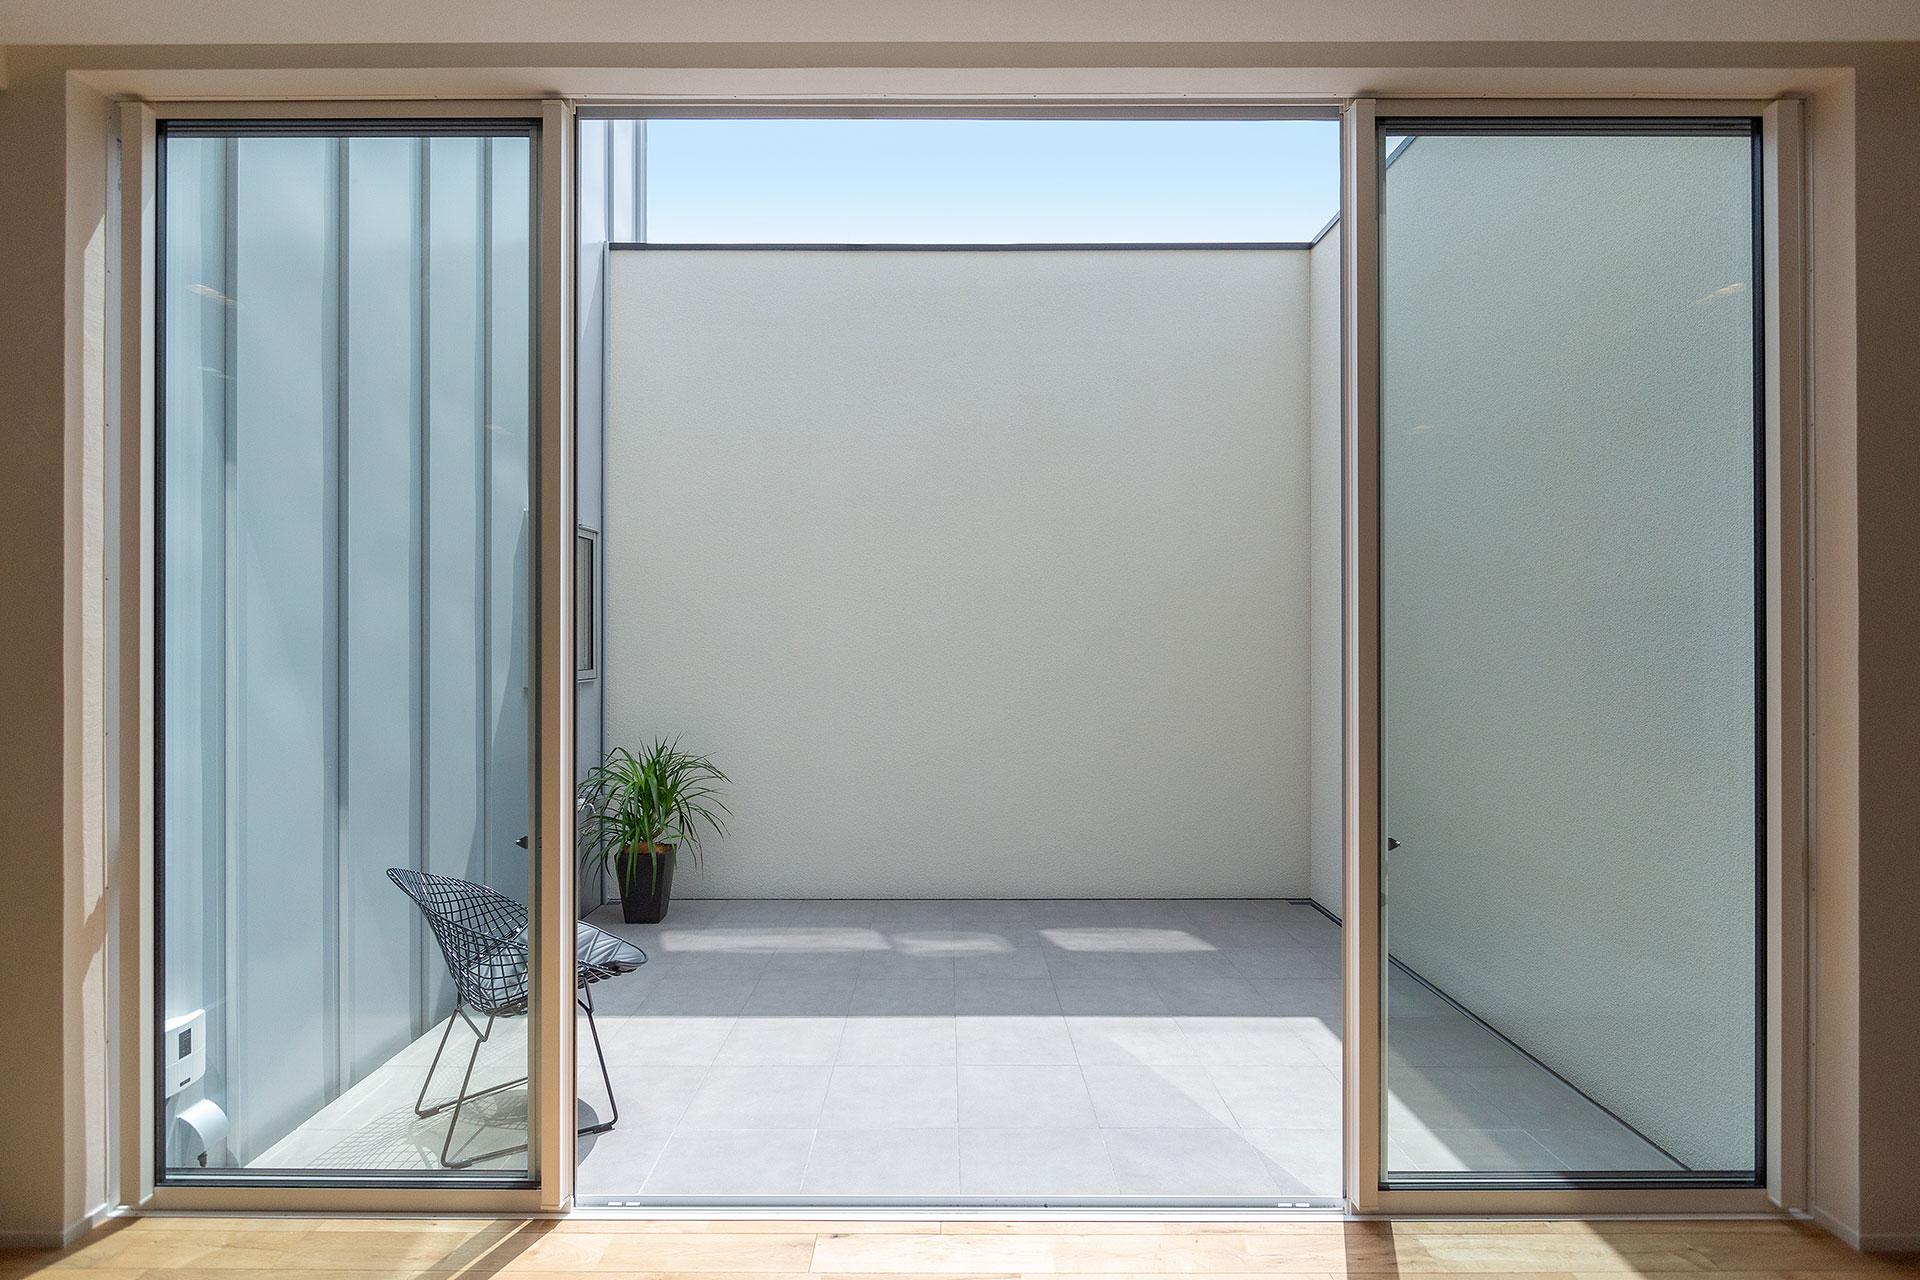 新築事例06 4D 仙台